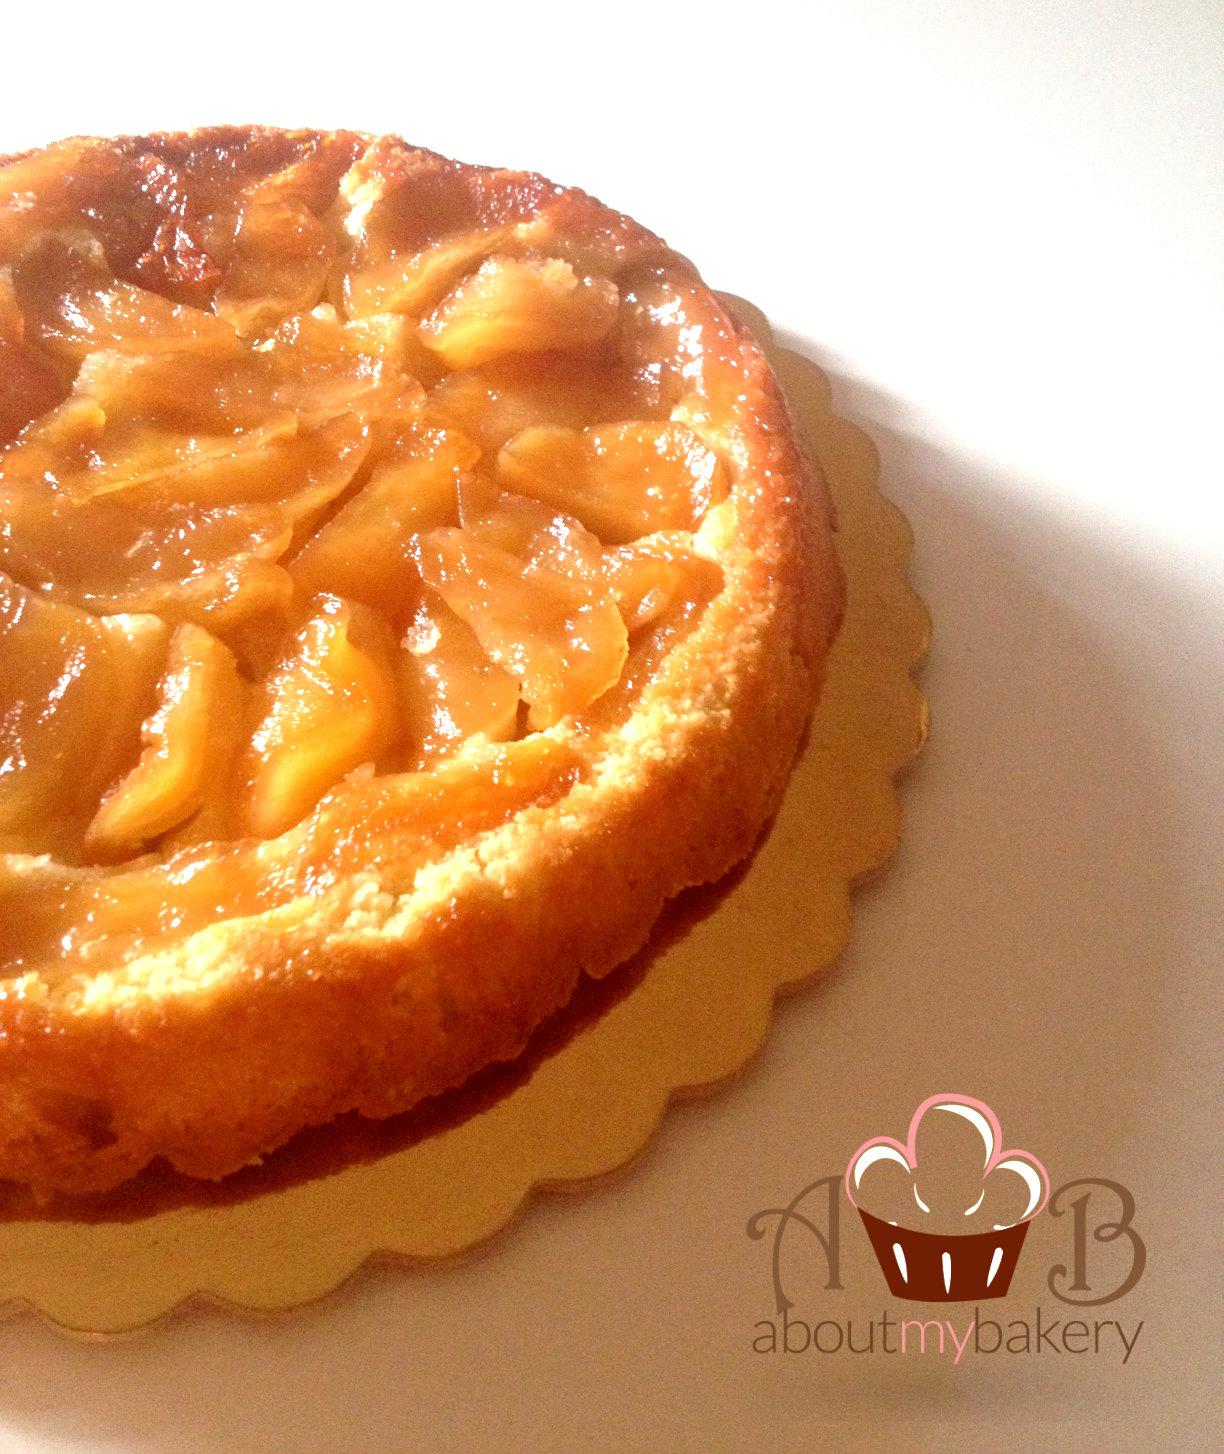 Tarte Tatin | Torta rovesciata di mele caramellate